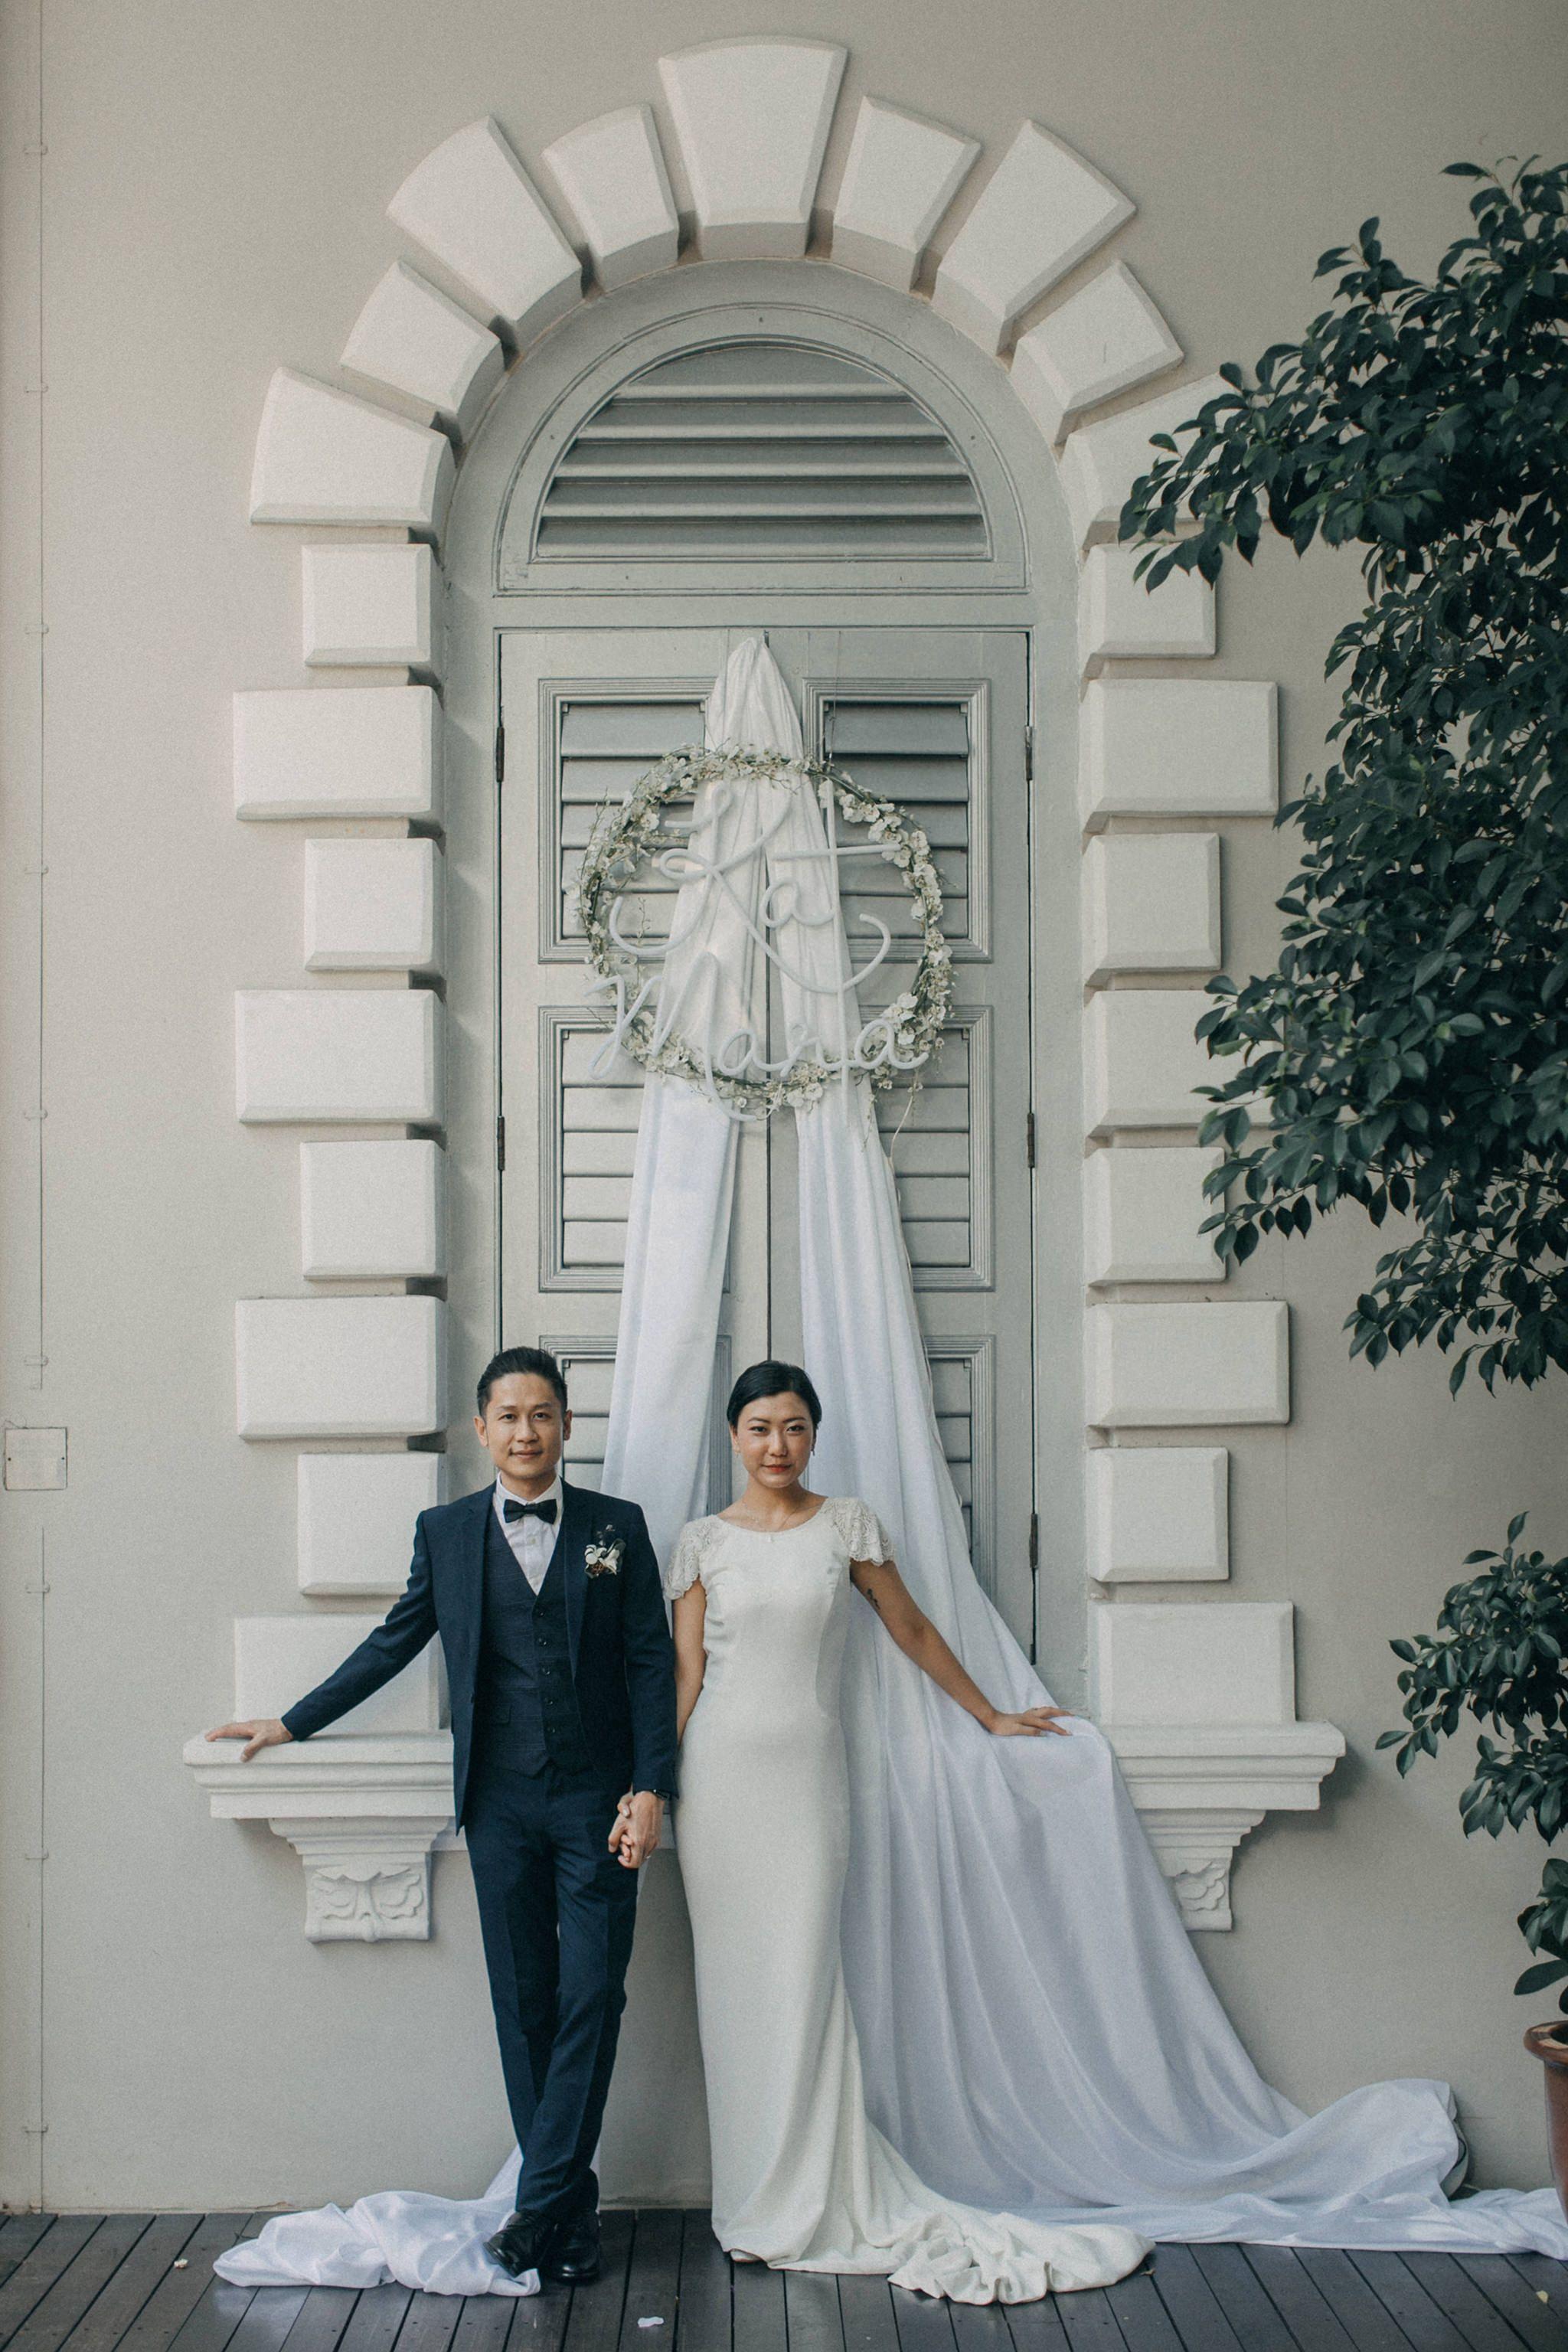 Maria Kai Christ The Center Thomas Tan Singapore Wedding Photographer Singapore Wedding Photograph Wedding Wedding Photographers Wedding Photography [ 3072 x 2048 Pixel ]